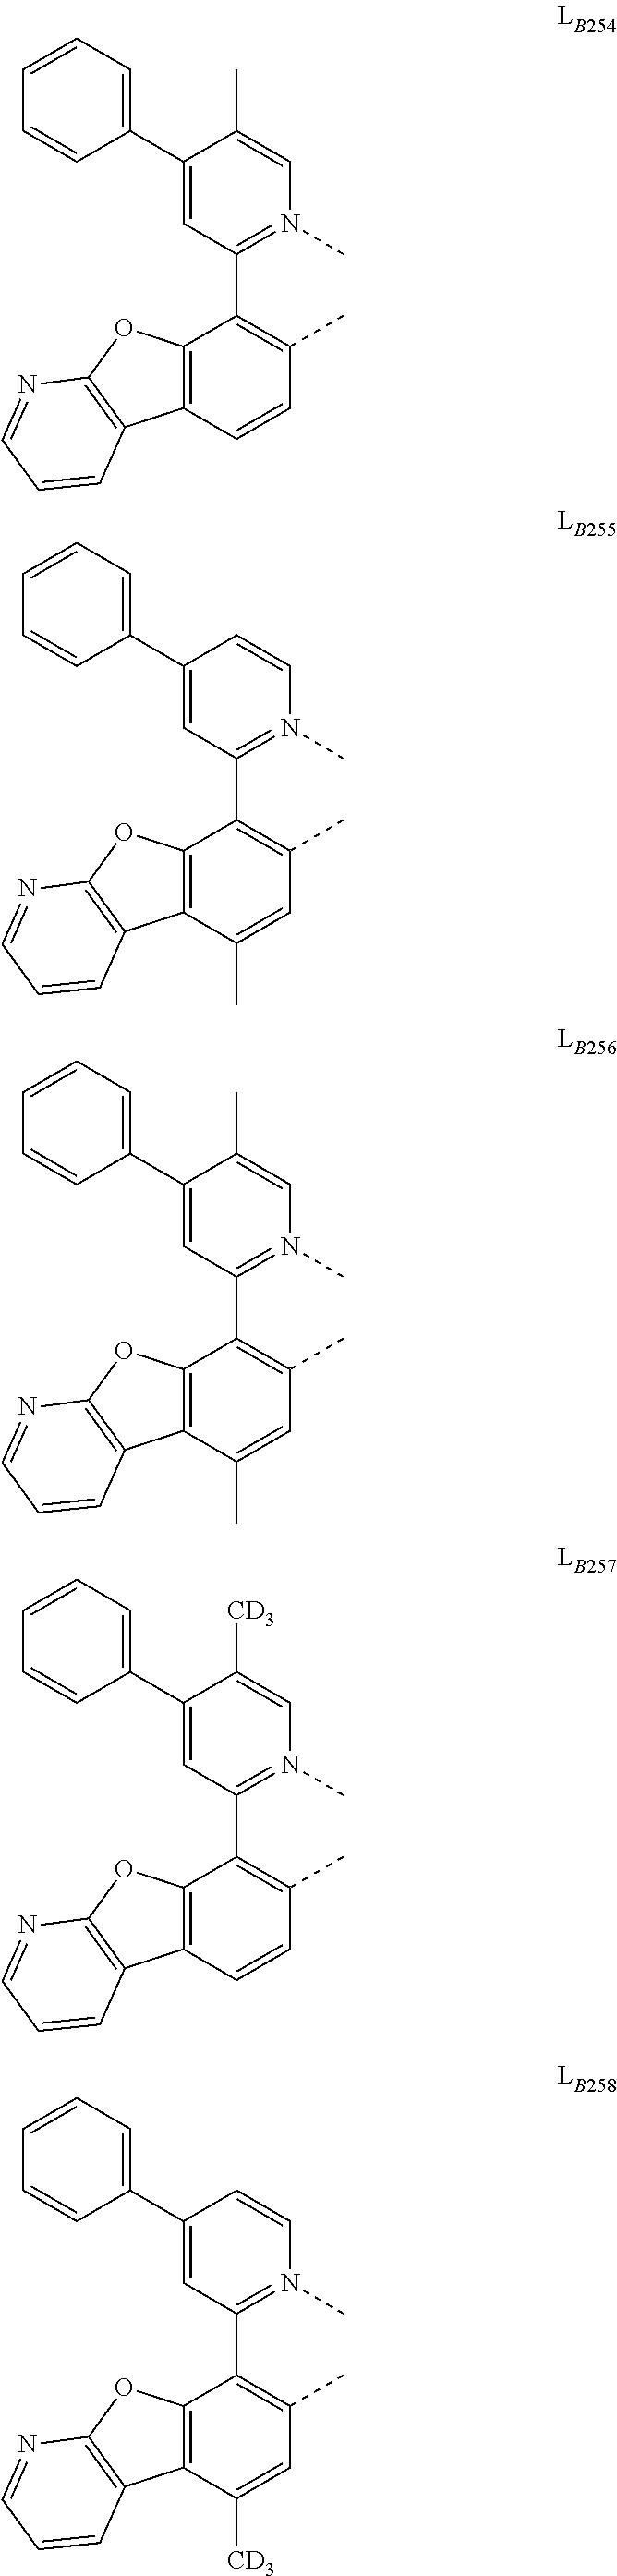 Figure US20180130962A1-20180510-C00118